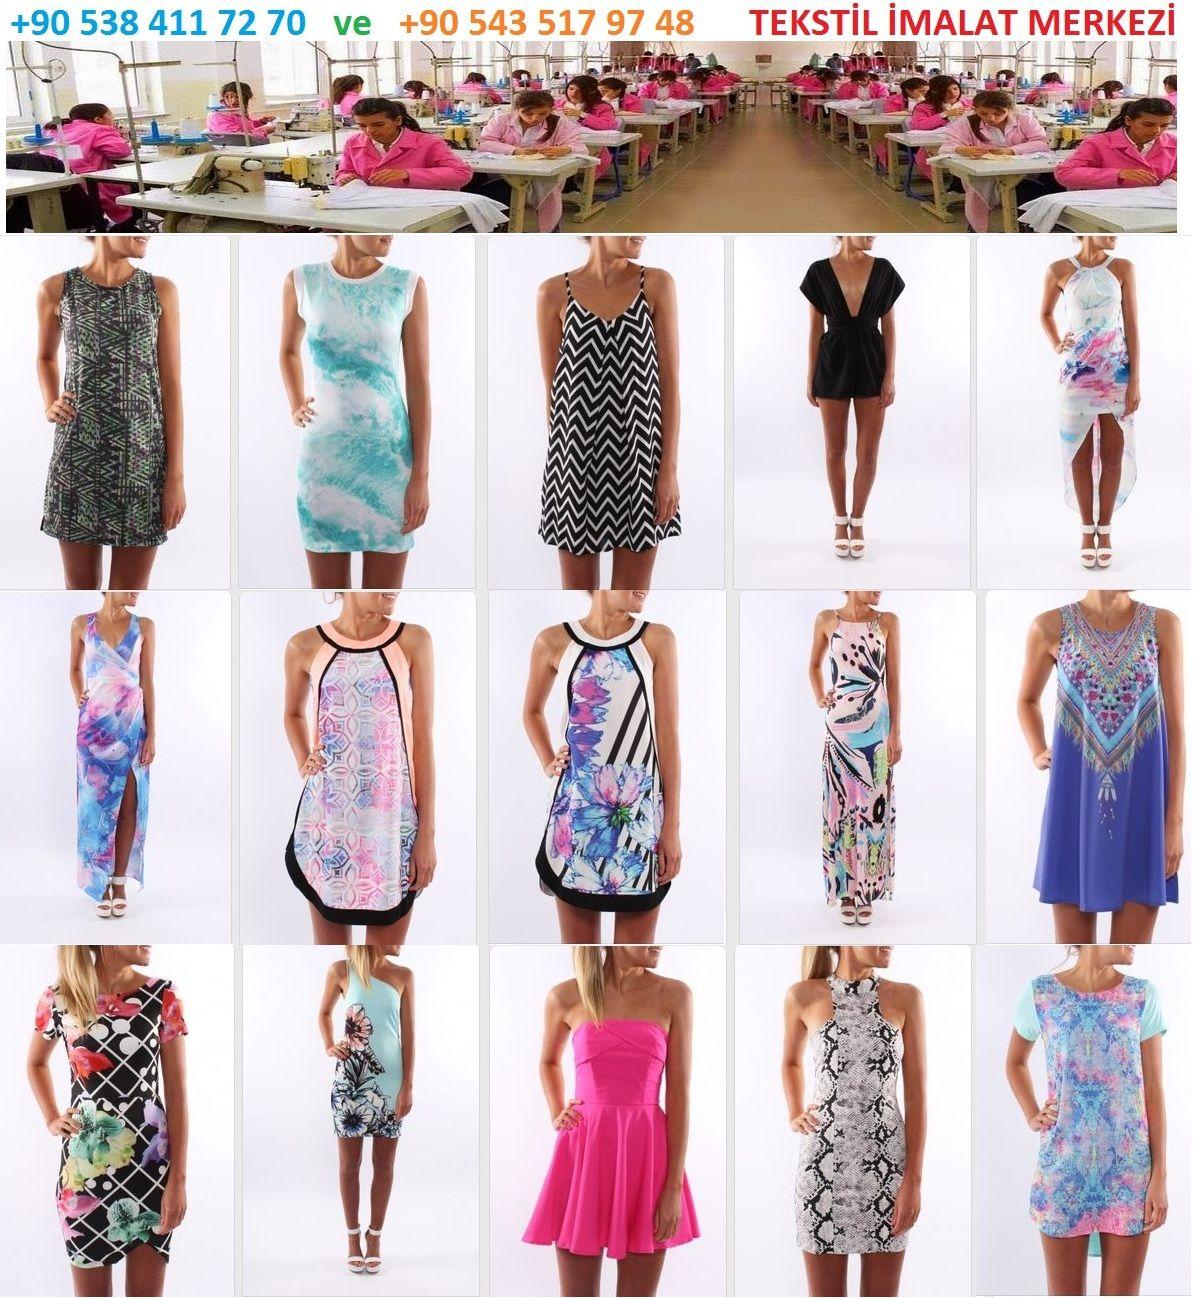 Bayan Elbise Modelleri En Sik Ve En Gozalici Desenler Sifon Ve Krep Kumaslarda Mamul Bayan Giyim Urunleri Fason Uretim Fi Elbise Modelleri Chiffon Elbiseler